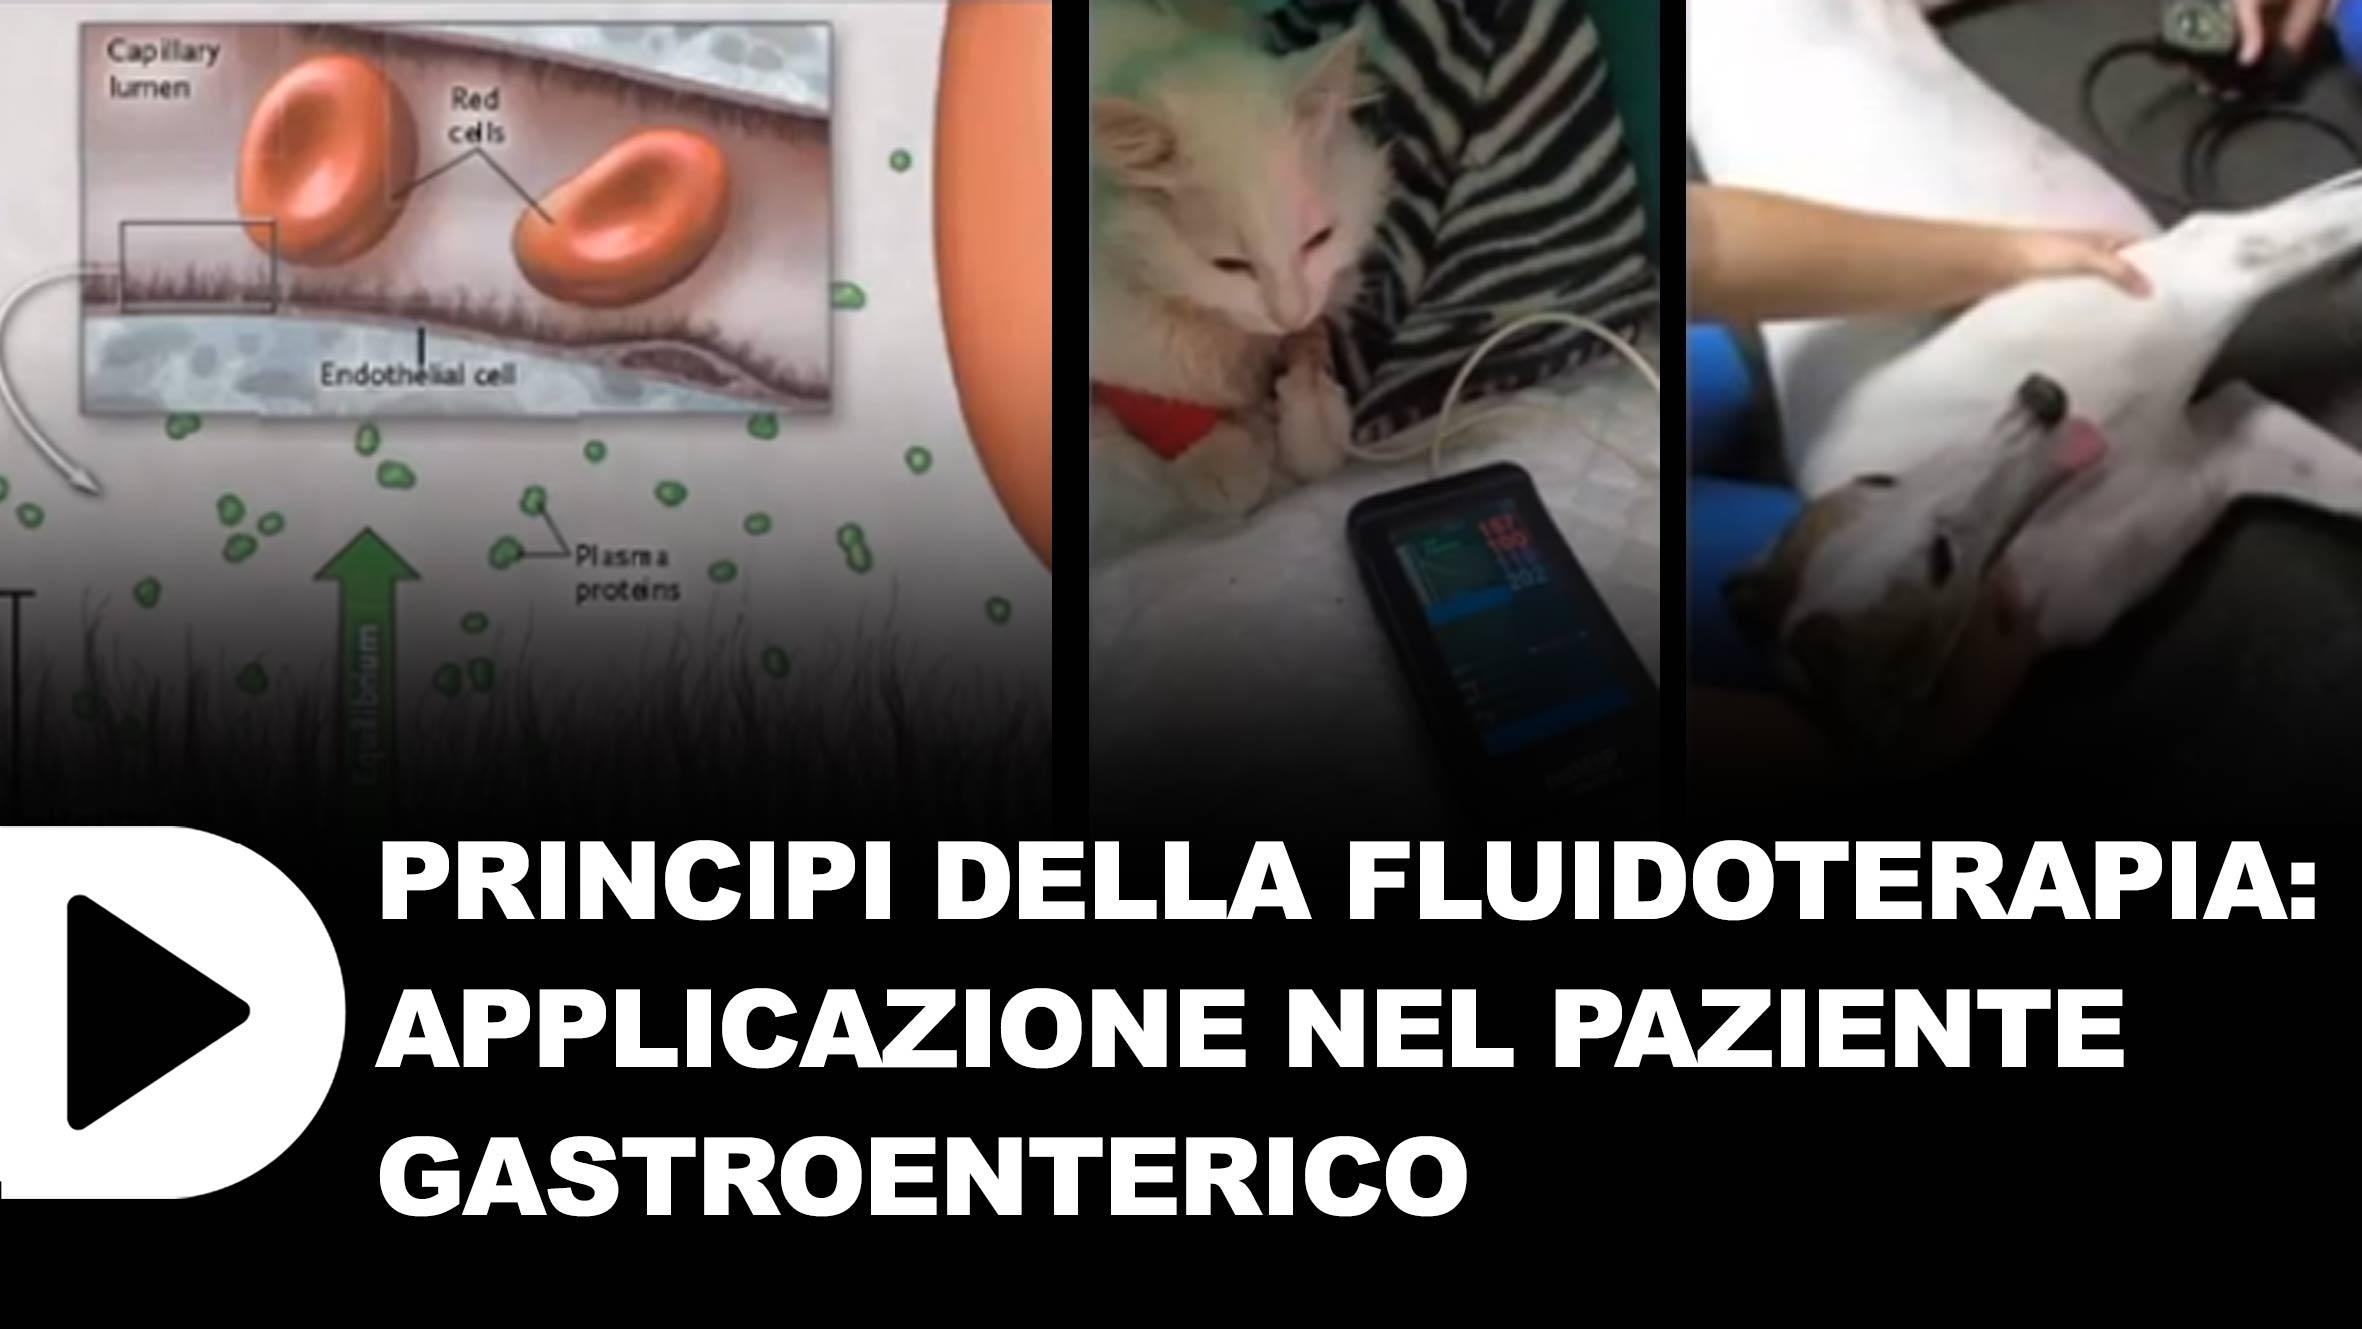 PRINCIPI-DELLA-FLUIDOTERAPIA-parte-1